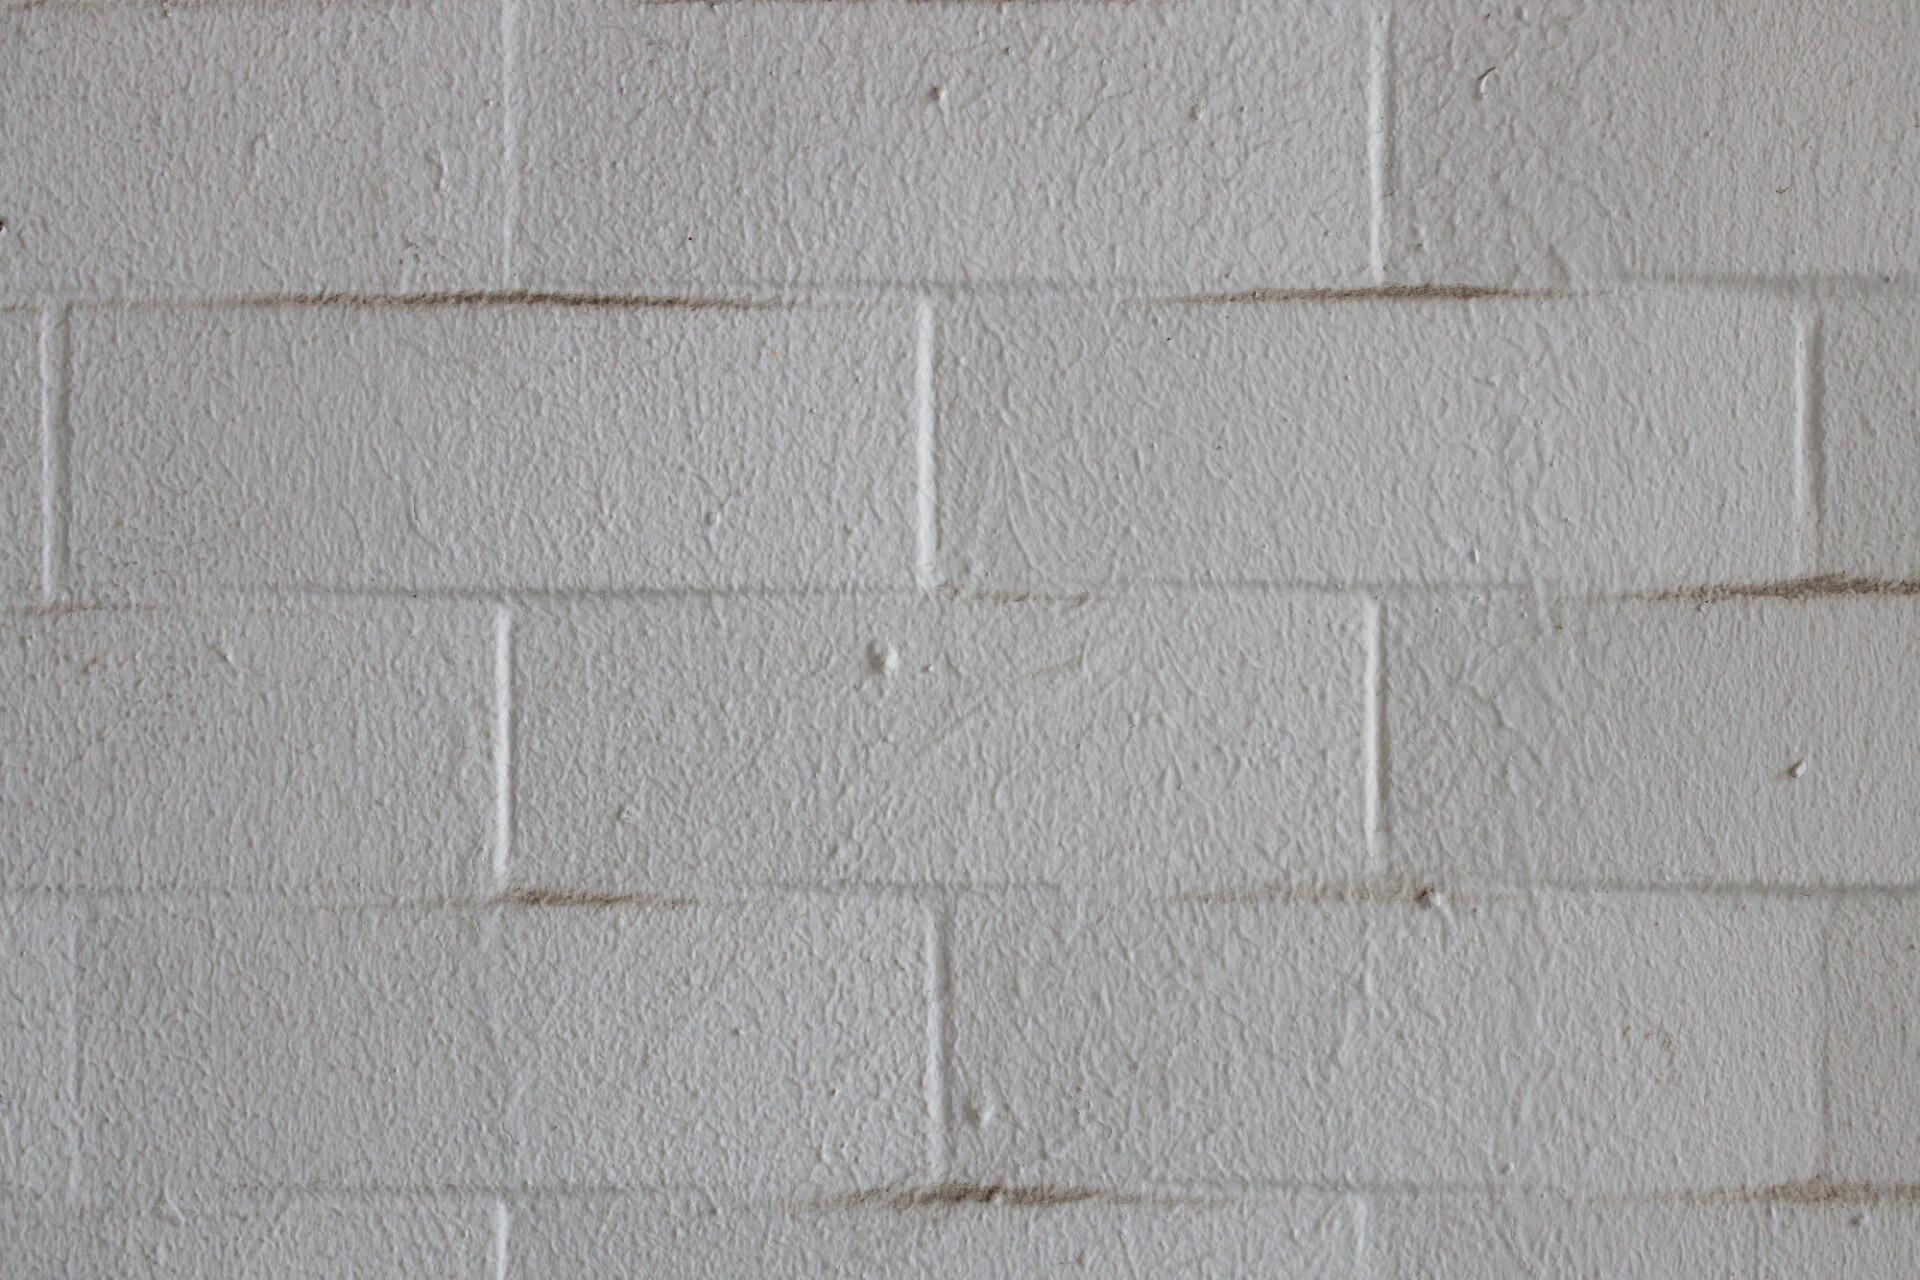 White stone wall texture